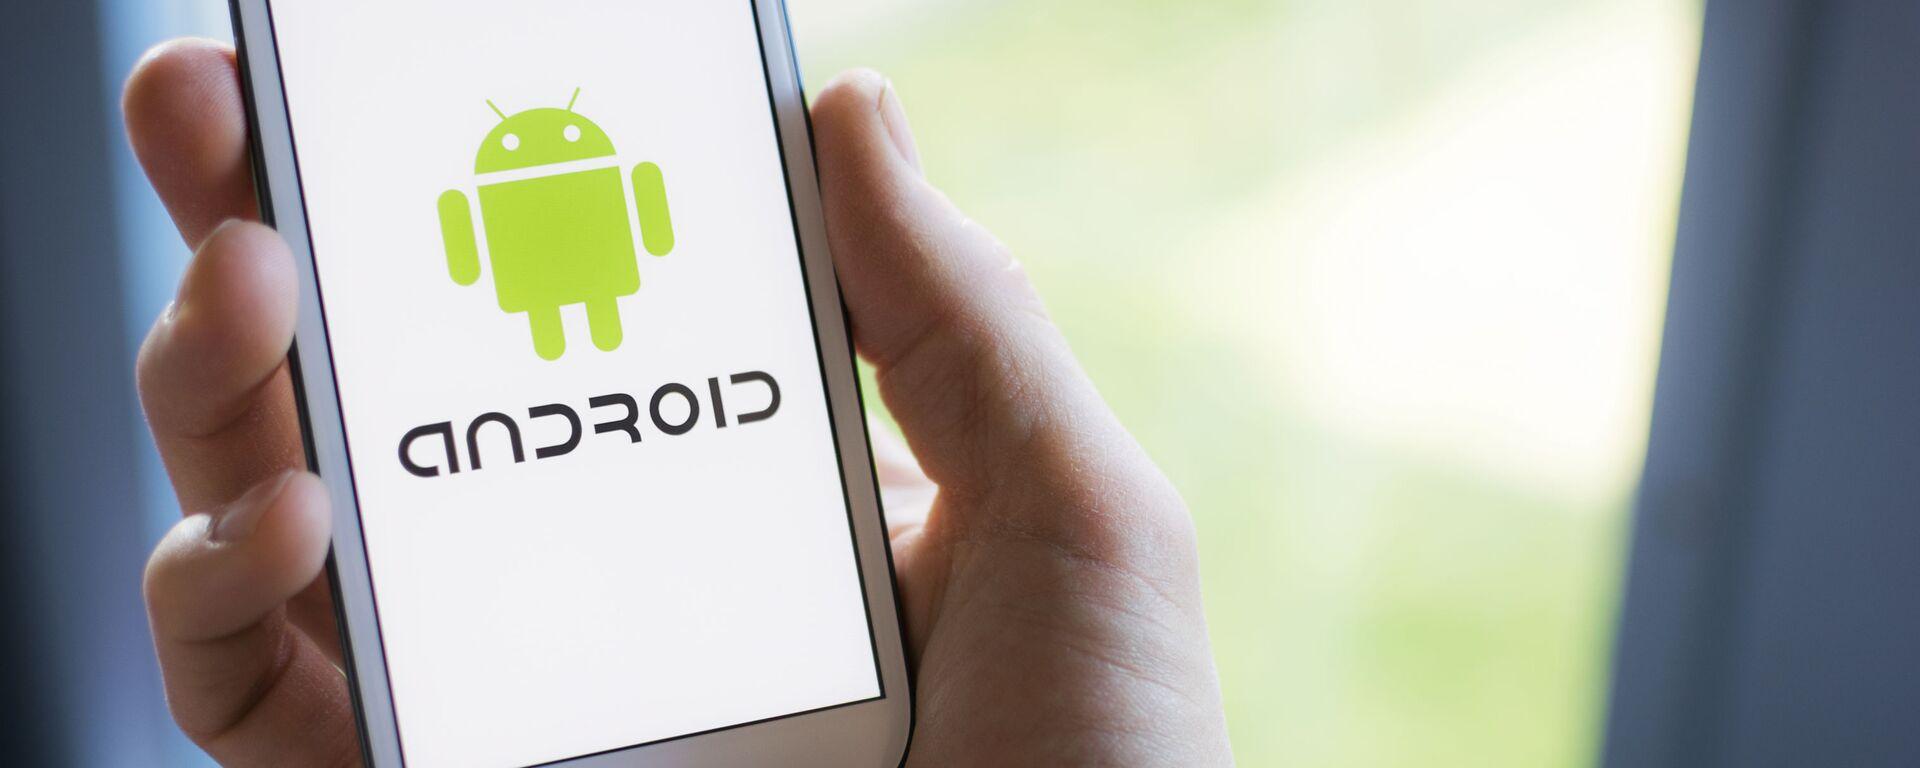 Un cellulare Samsung con il logo di Android sullo schermo - Sputnik Italia, 1920, 23.05.2021